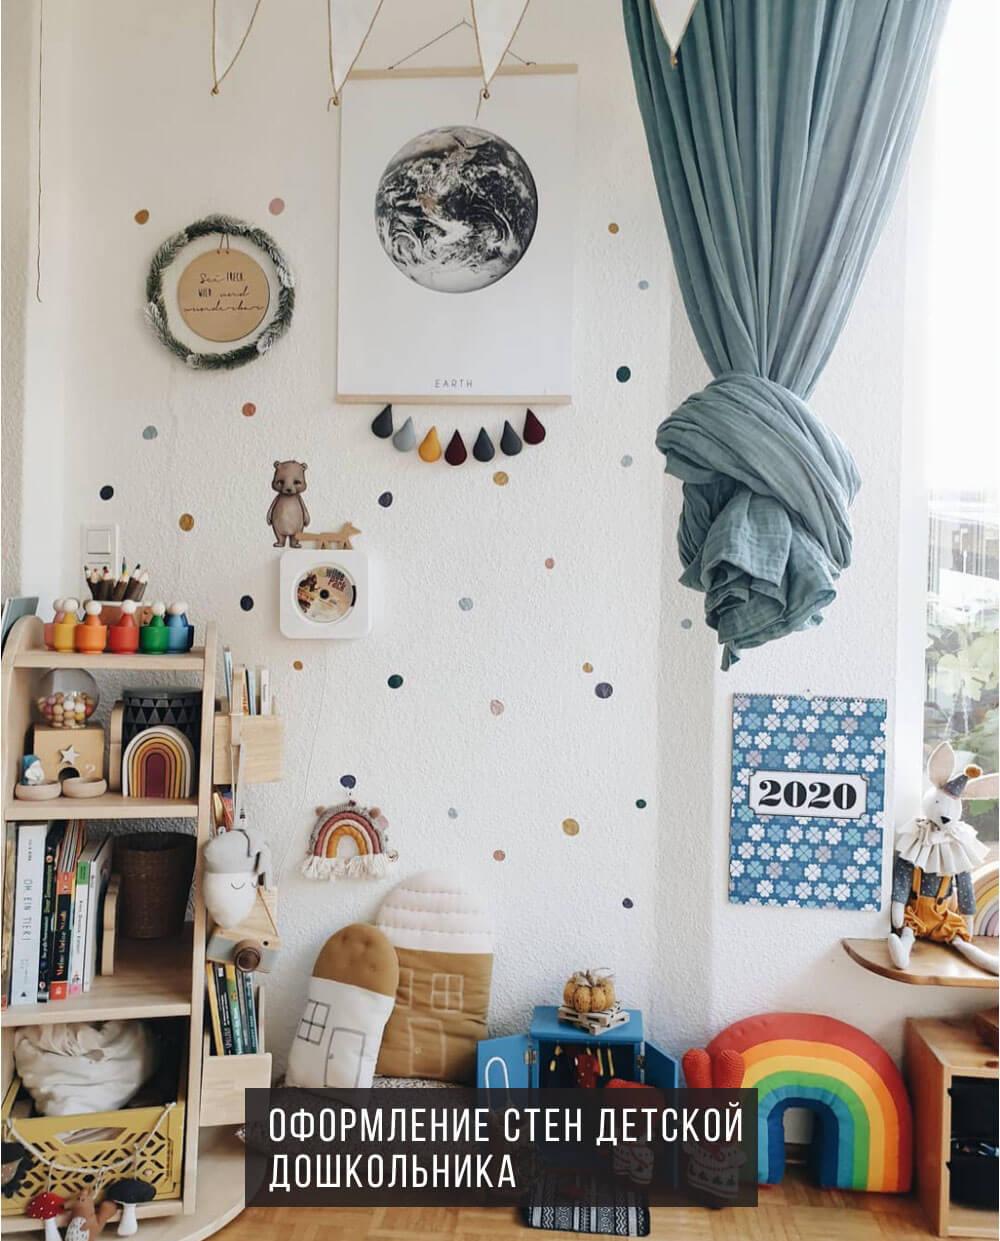 наклейки в оформлении стен детской дошкольника